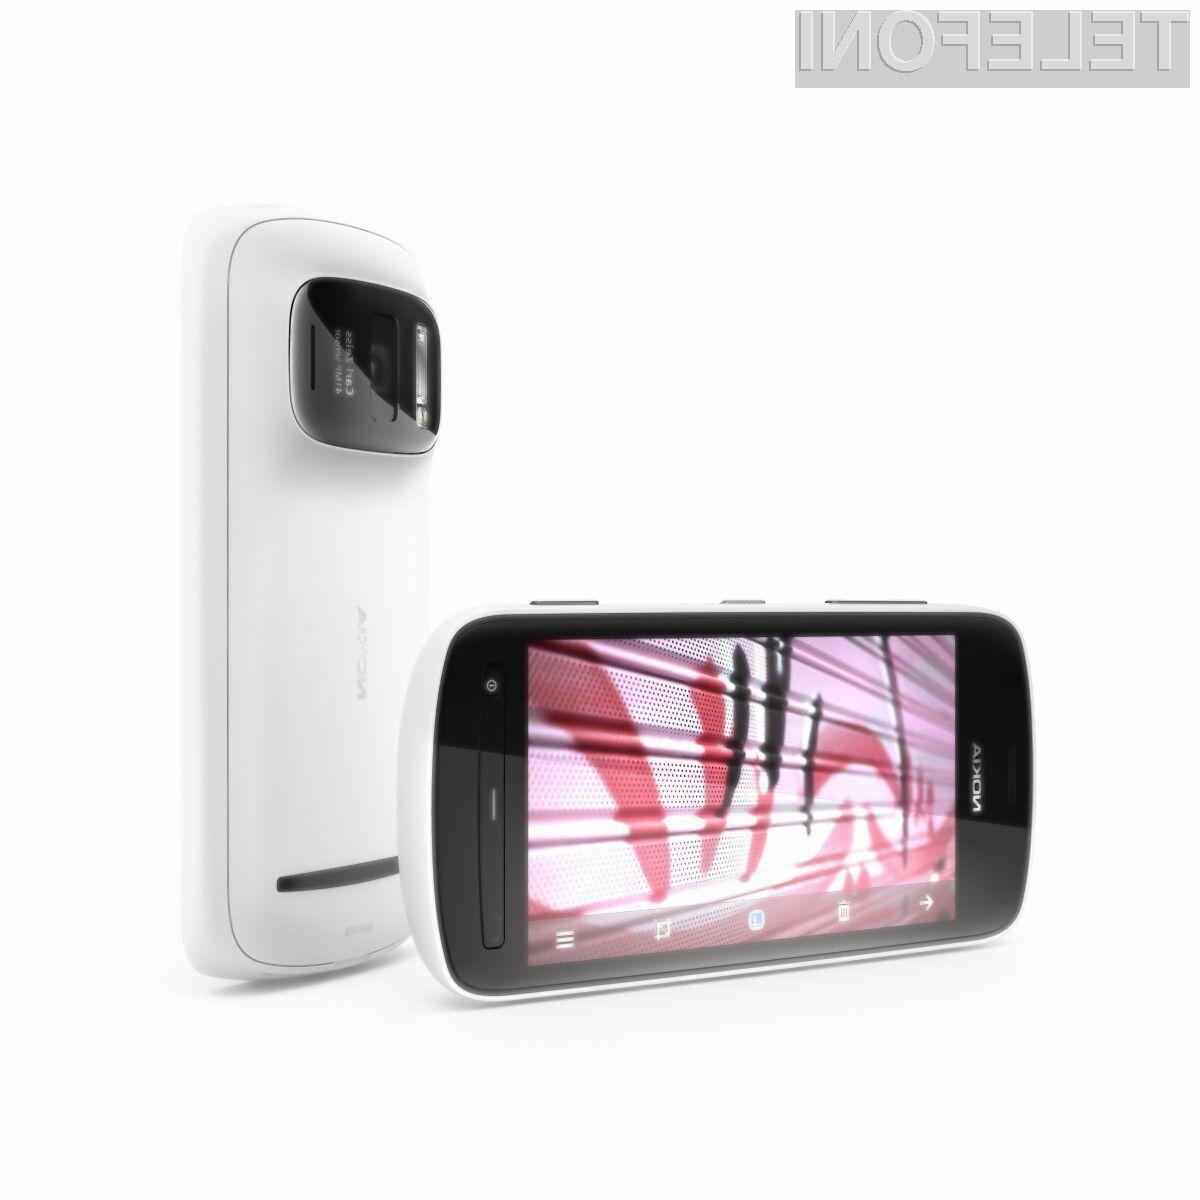 Mobilnik 808 PureView se lahko pohvali s kamero z 41 megapiksli.